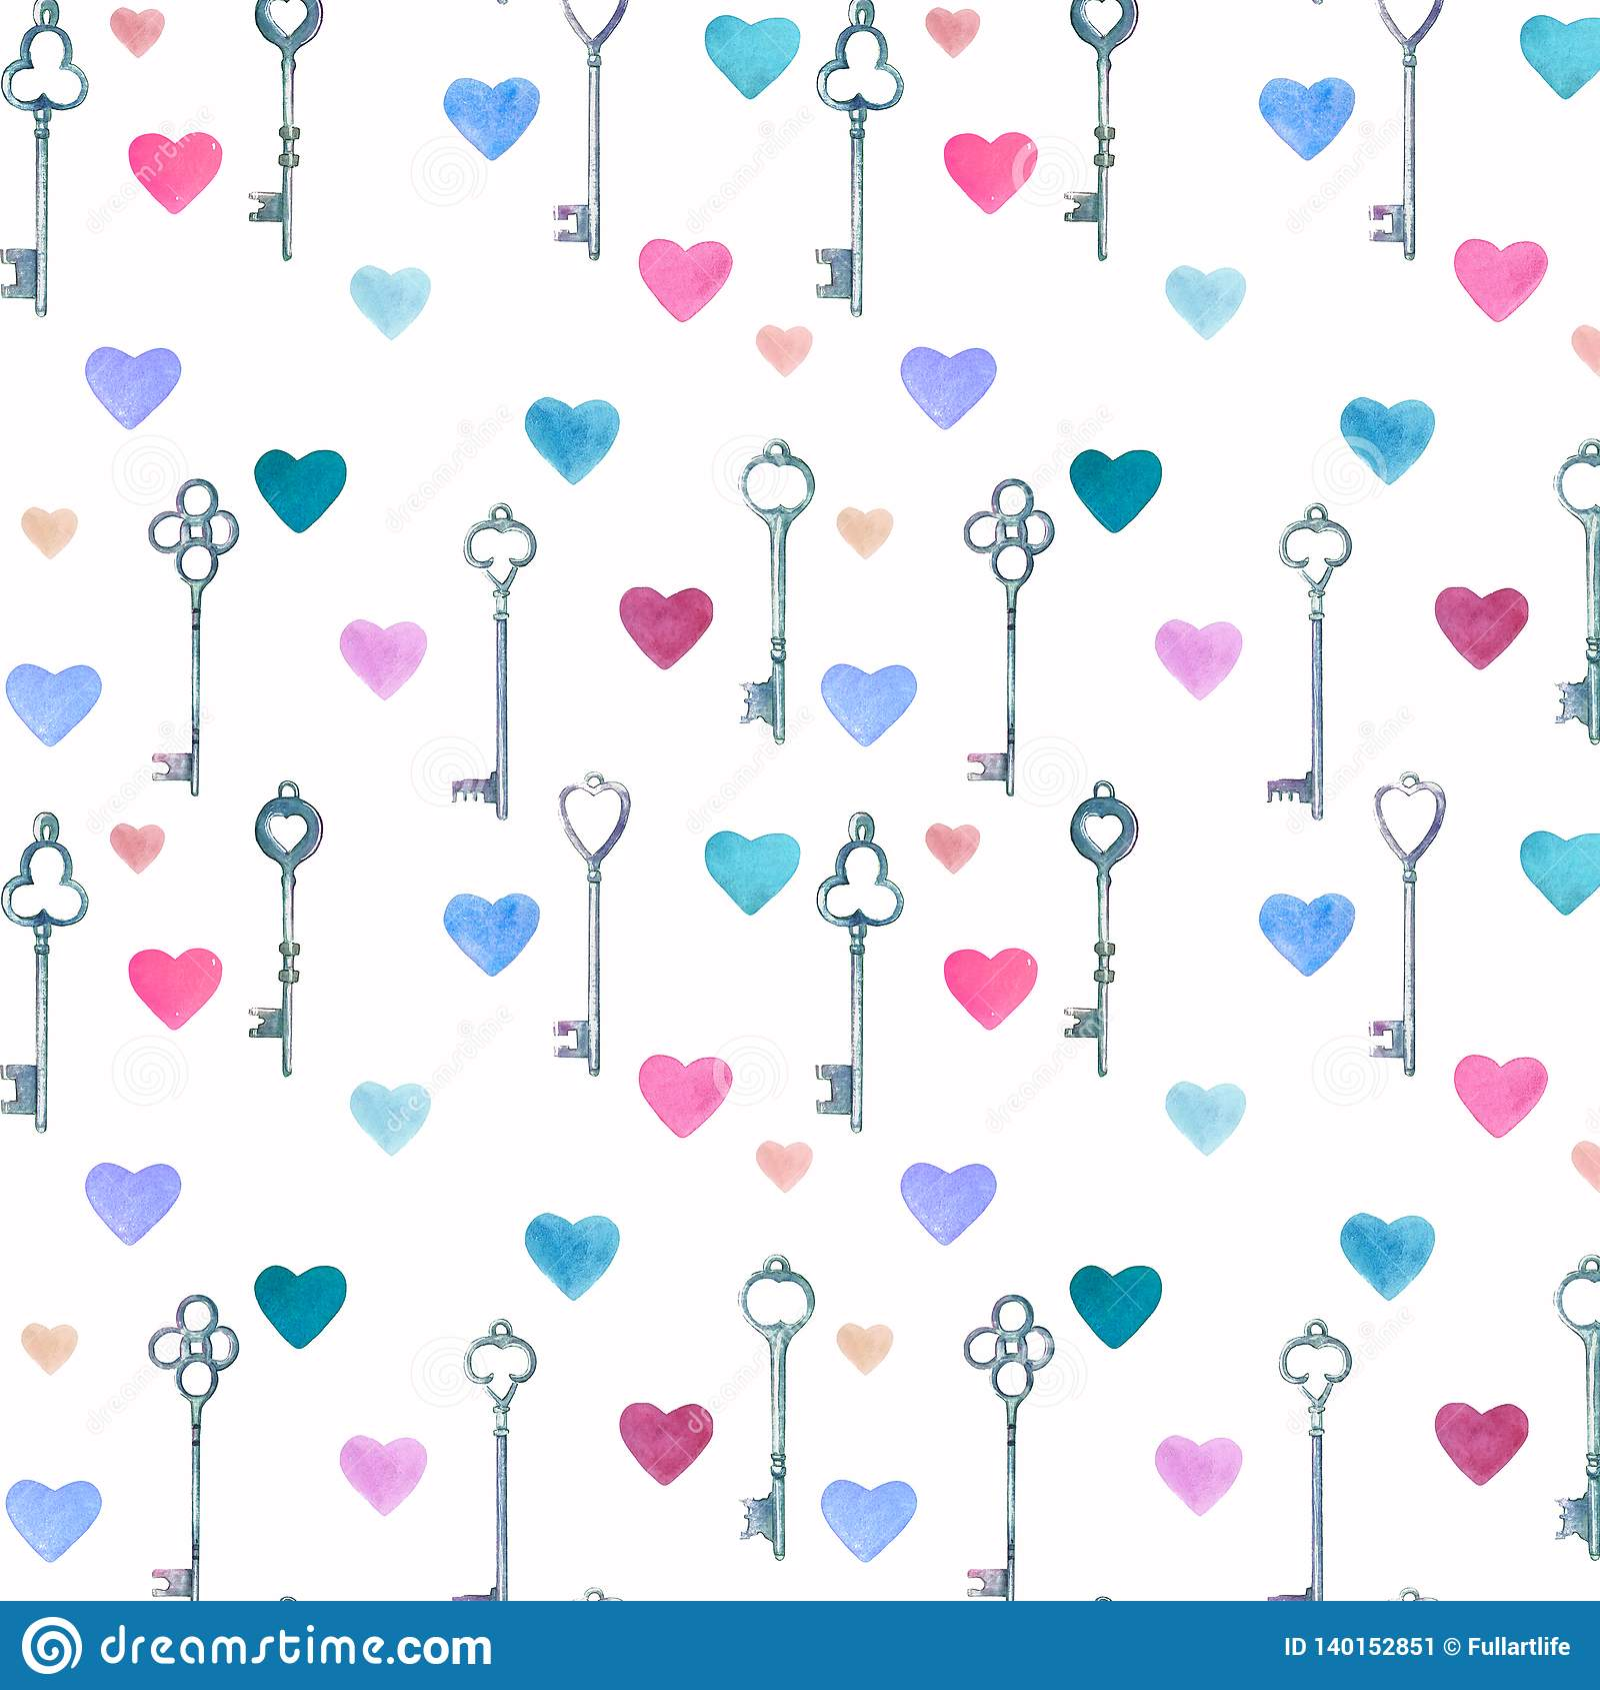 Sleutels van het waterverf de uitstekende metaal die door handen en roze, blauw harten naadloos patroon worden getrokken